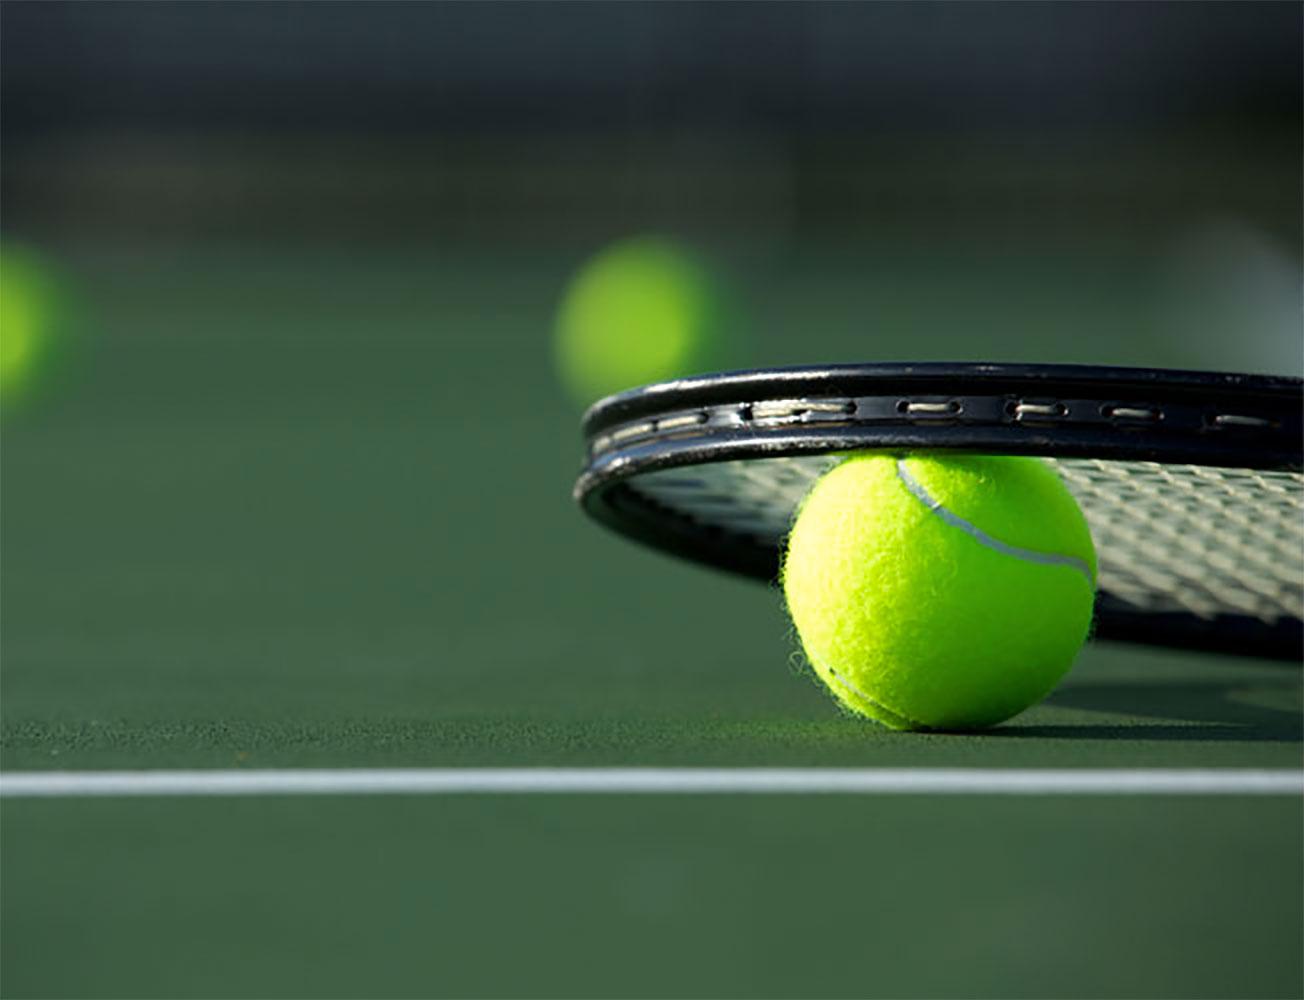 Les terrains de tennis du Centre Multisports font peau neuve